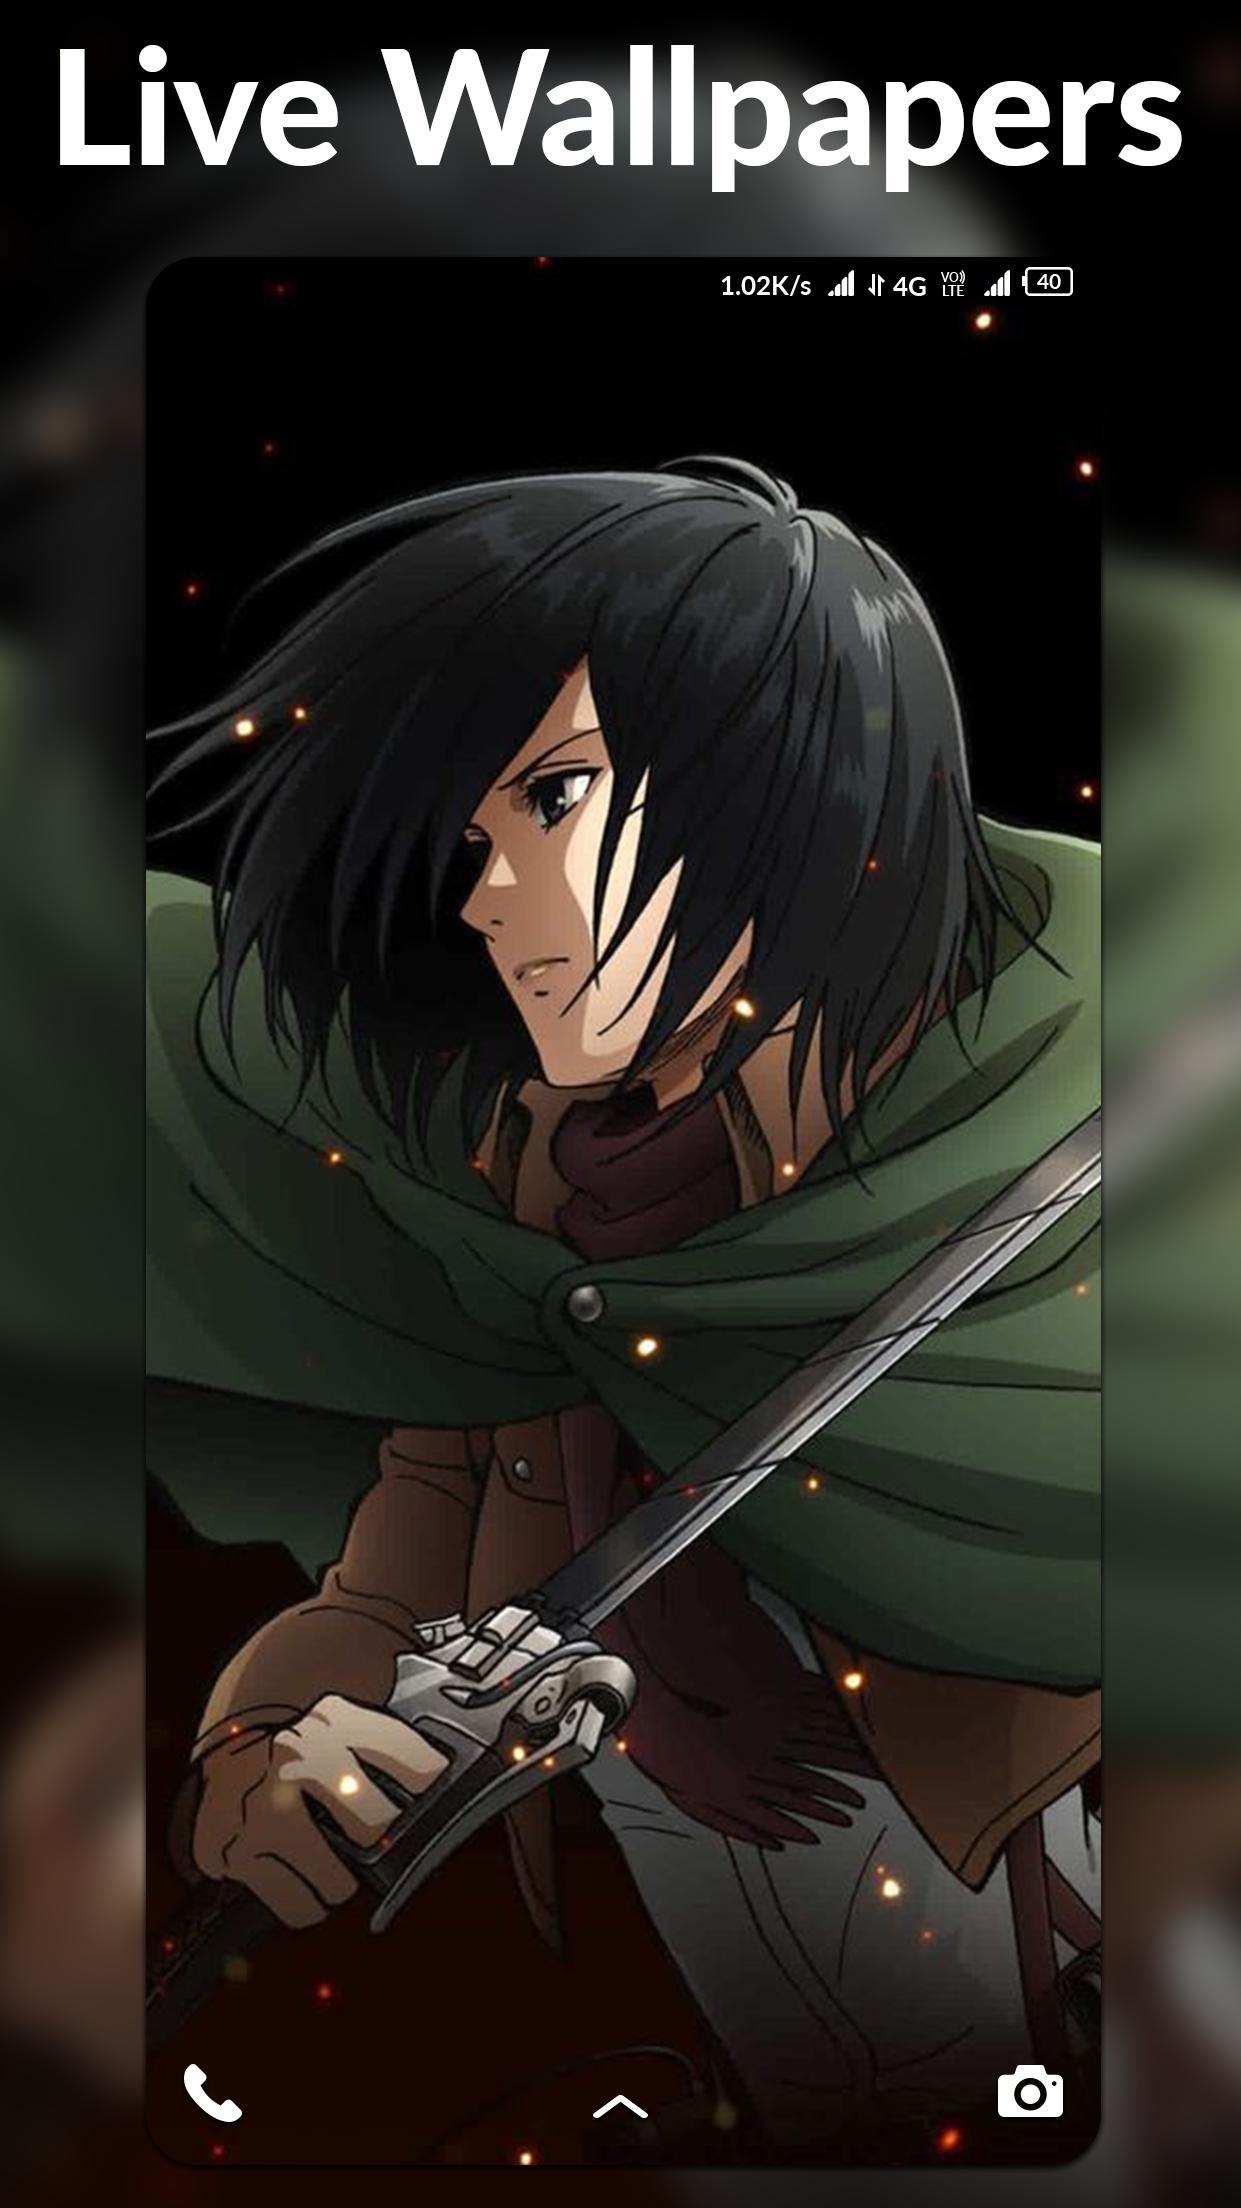 Anime Wallpaper HD: Anime Wallpaper 4k Vertical